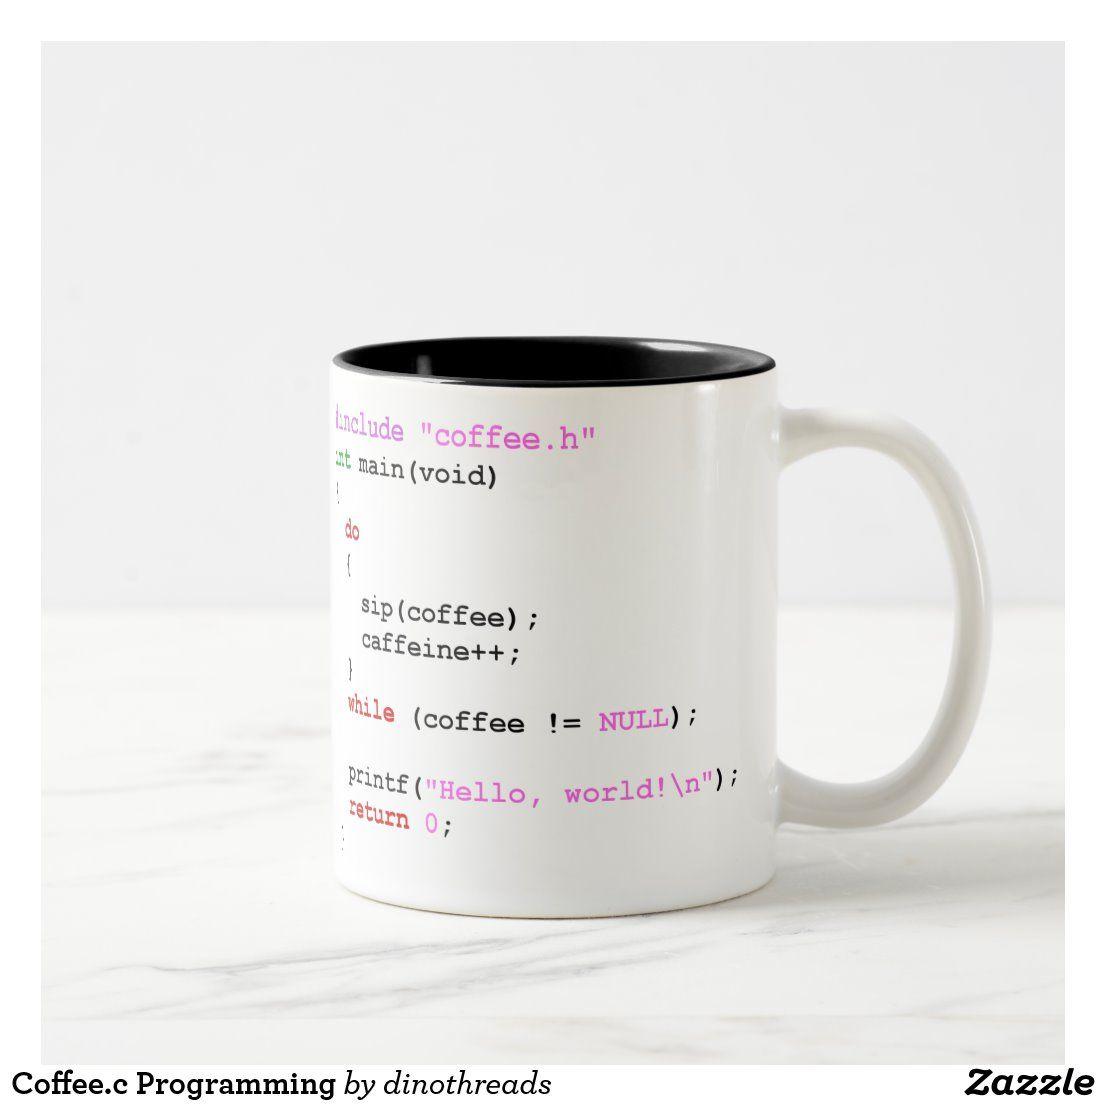 Coffeec programming twotone coffee mug in